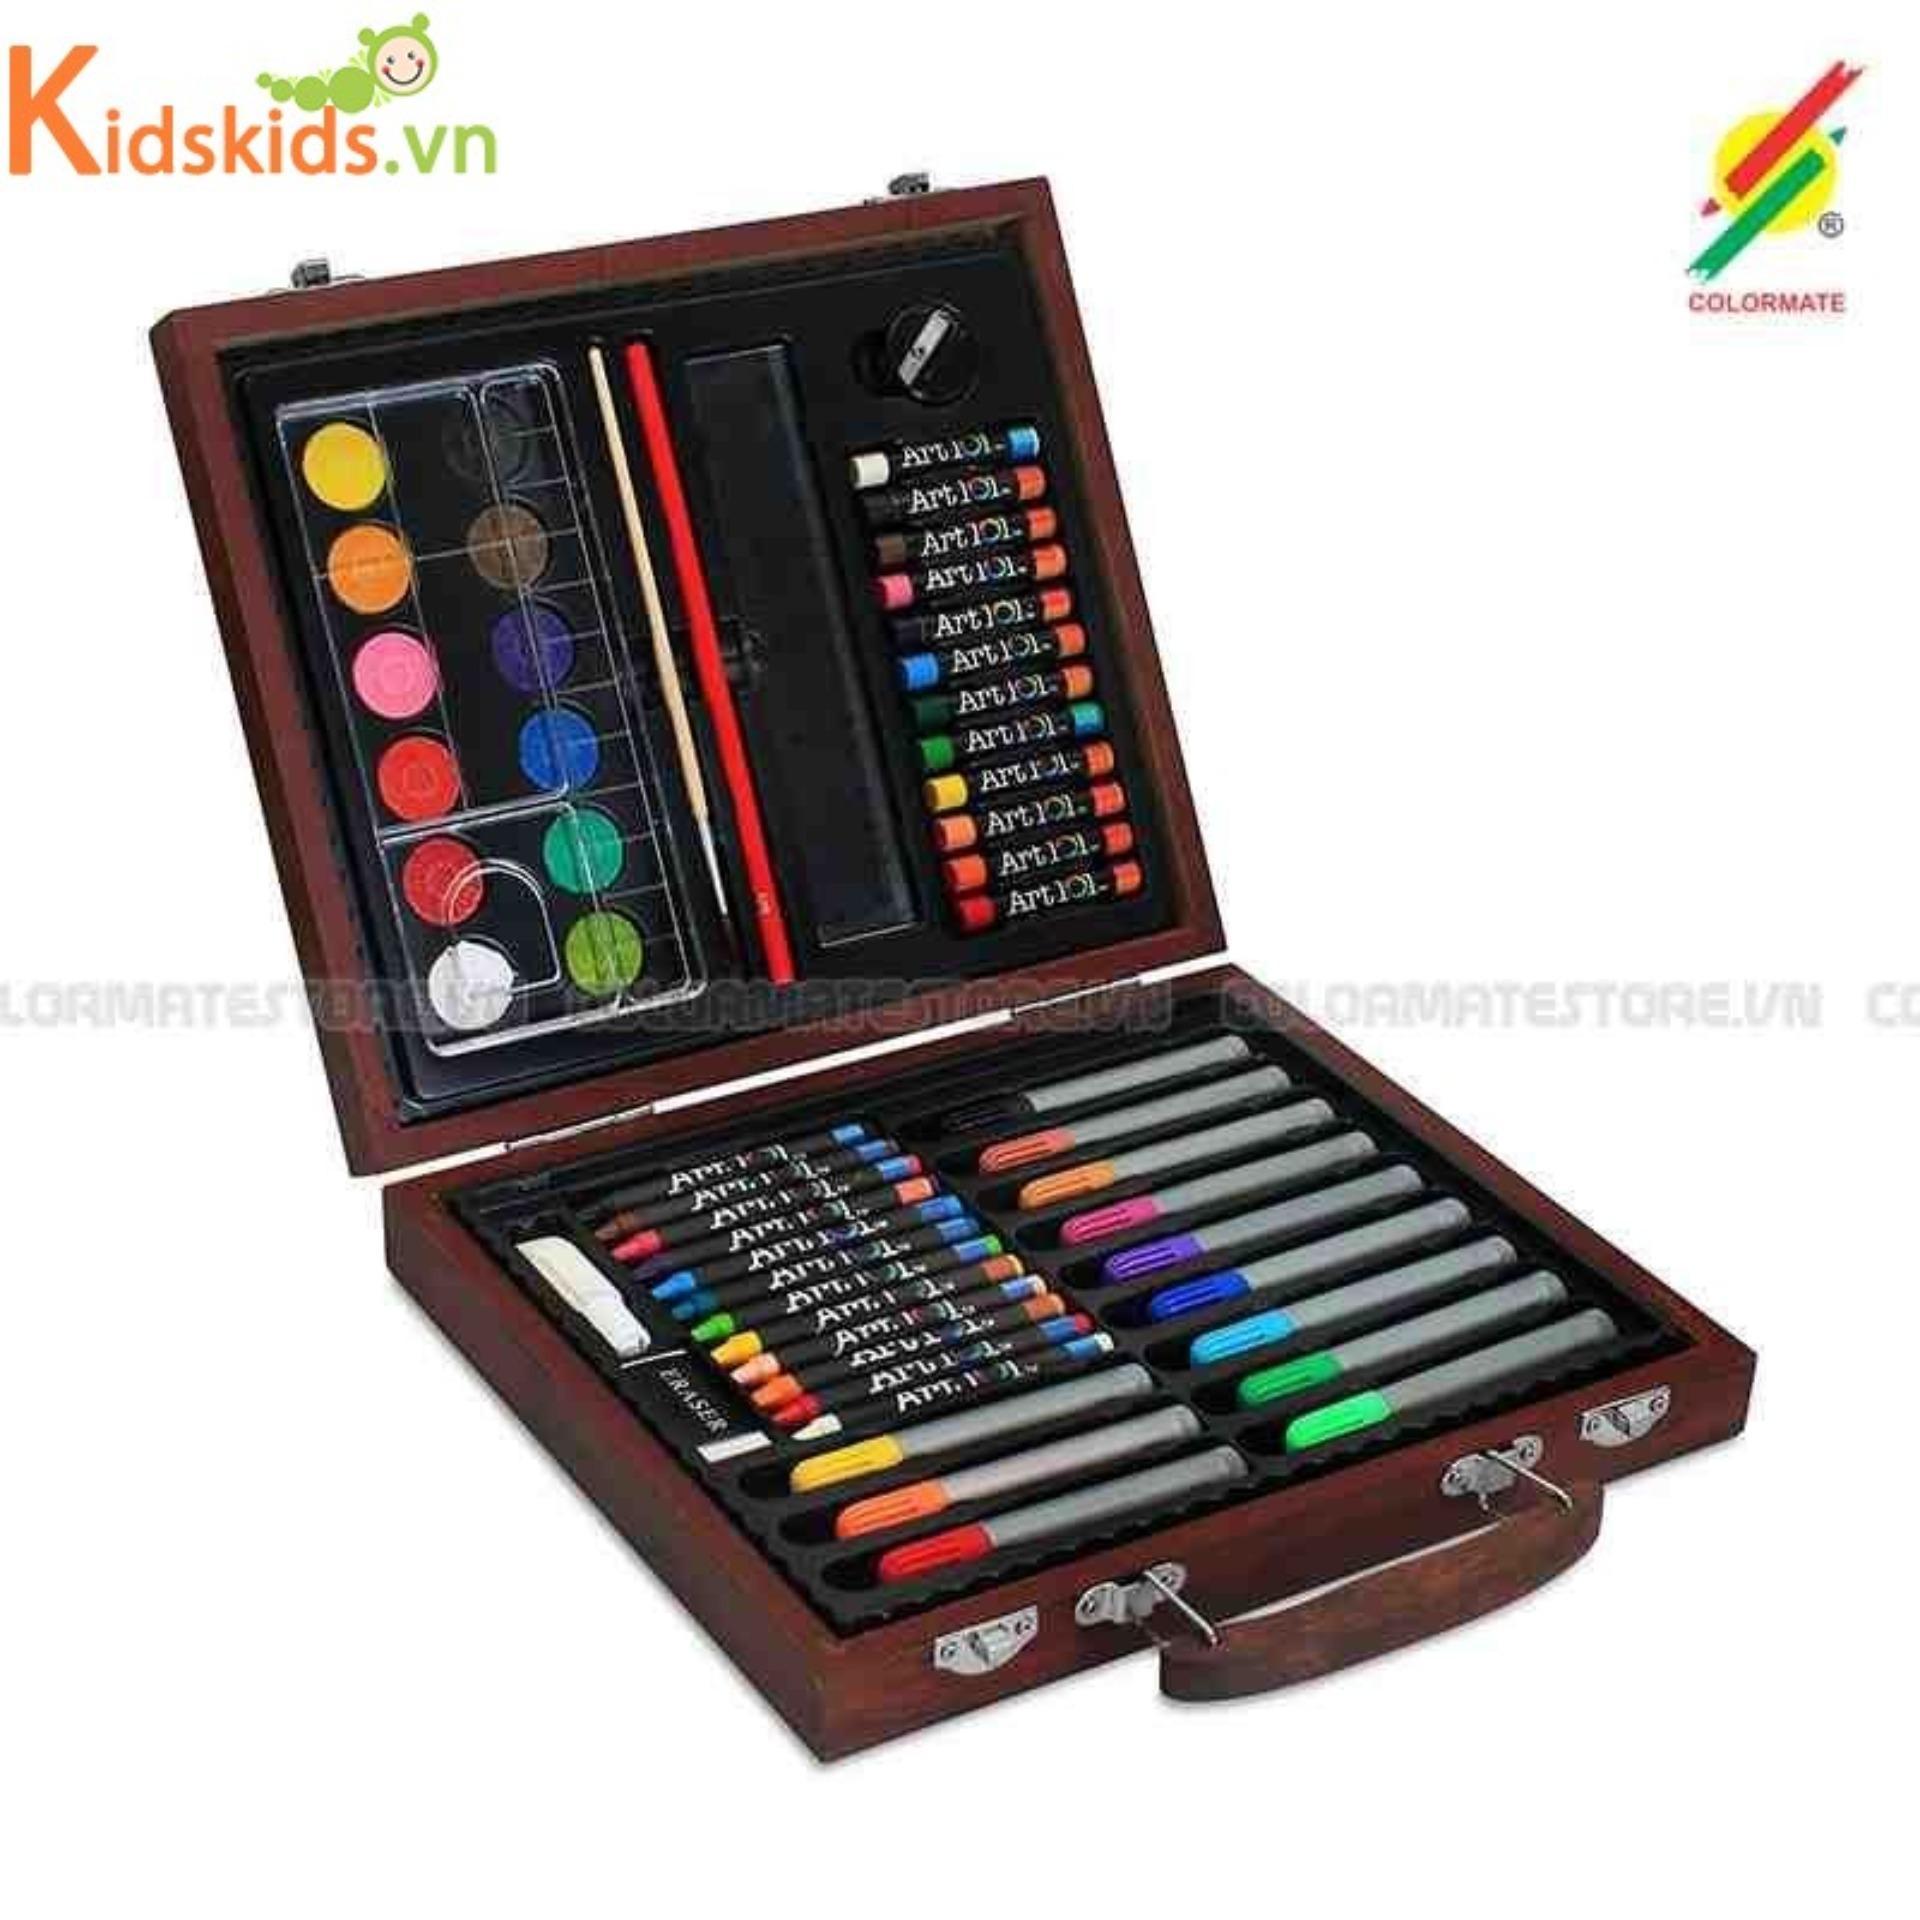 Hình ảnh Bút màu hộp gỗ M 56 Colormate